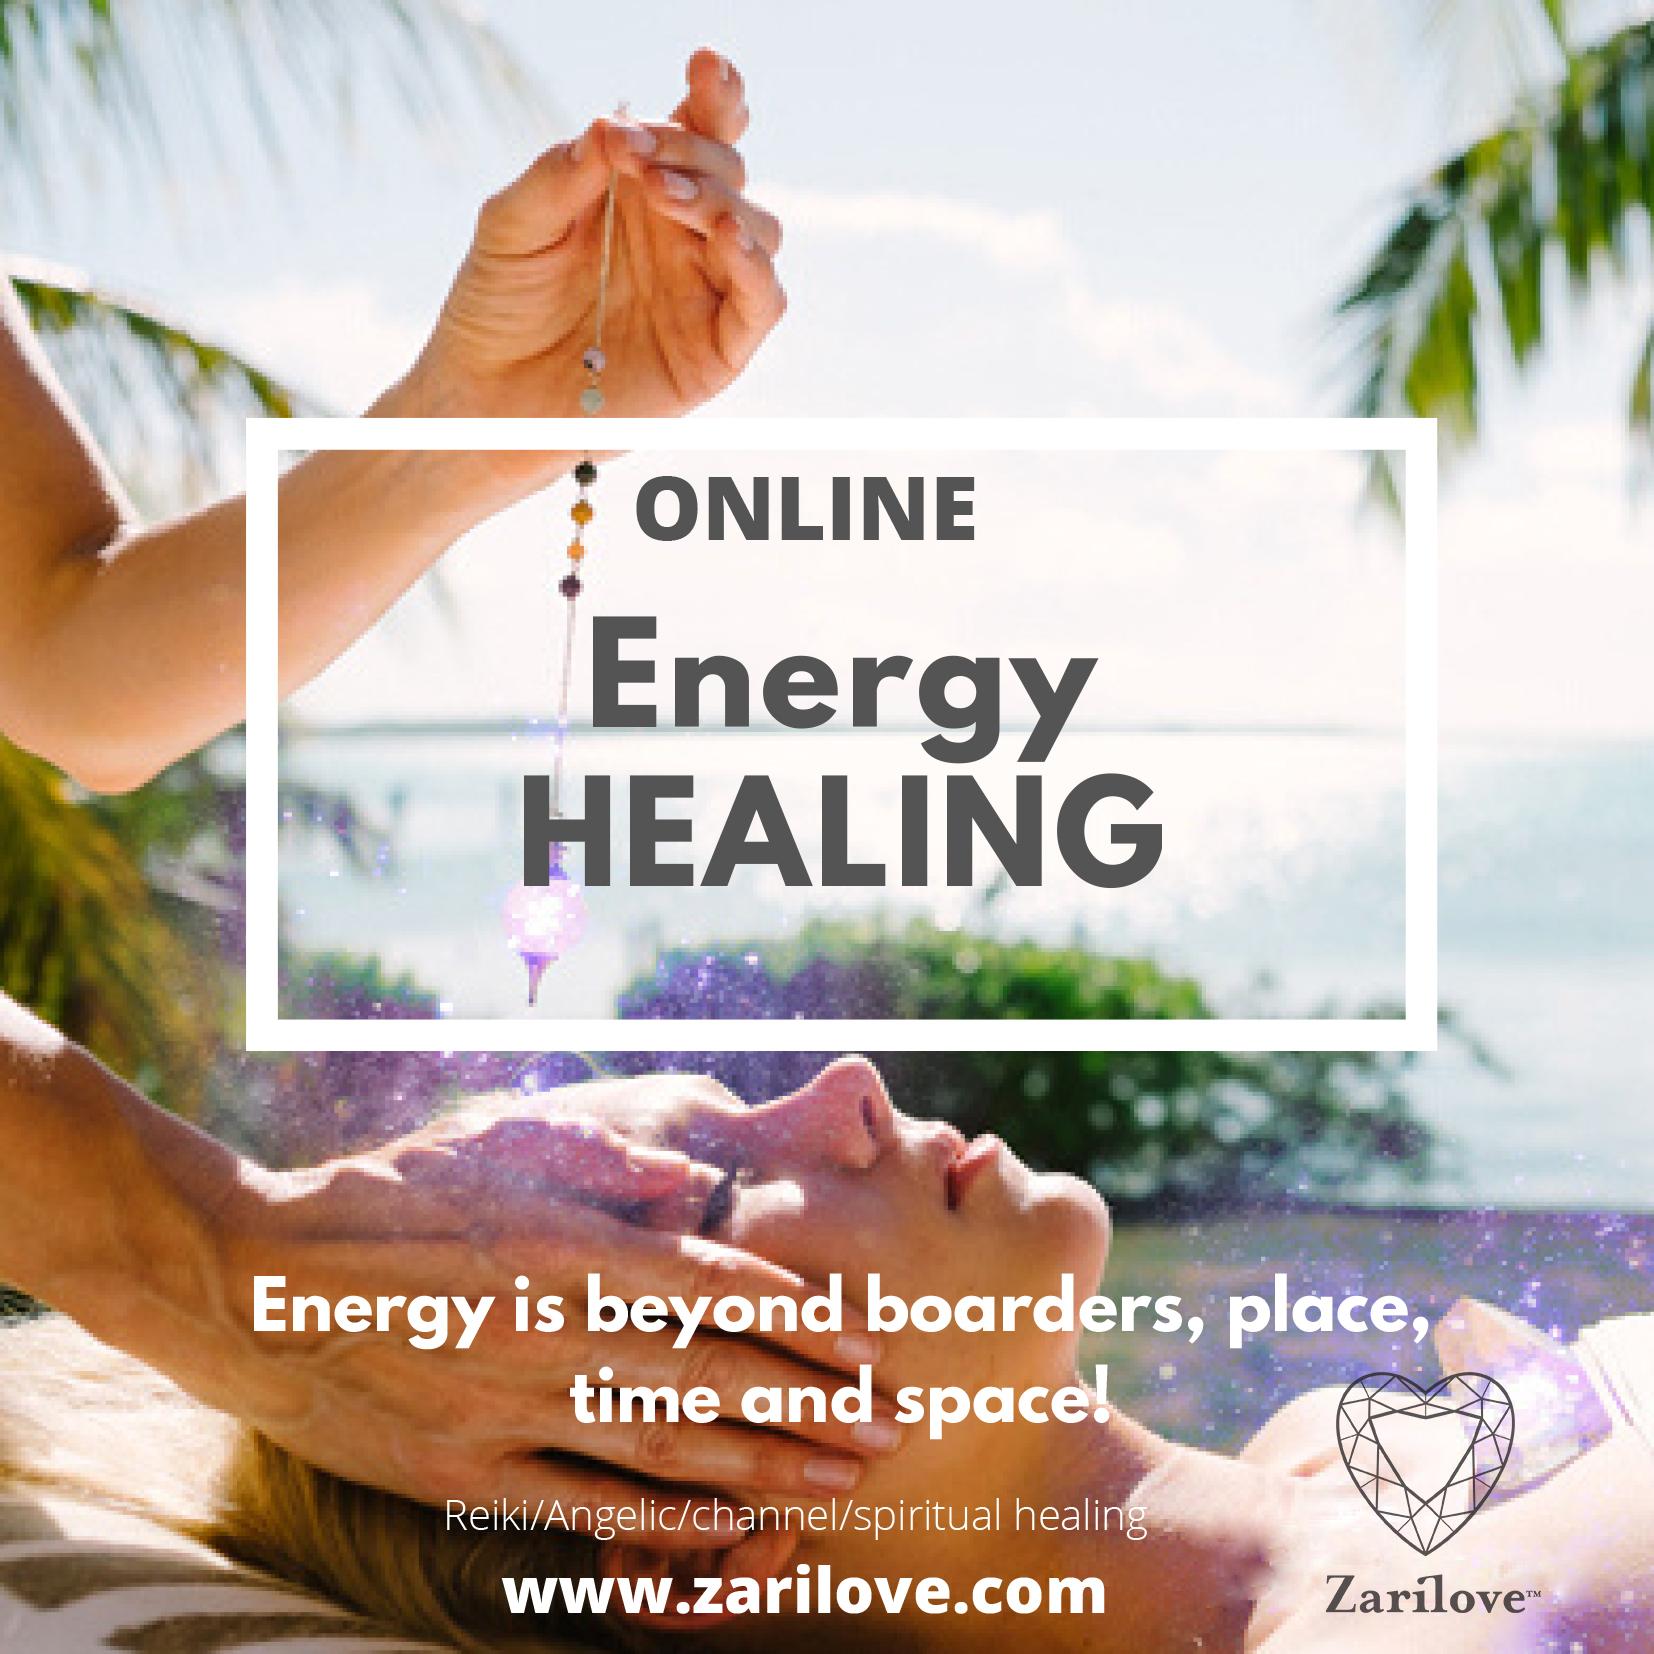 ENERGY HEALING ONLINE